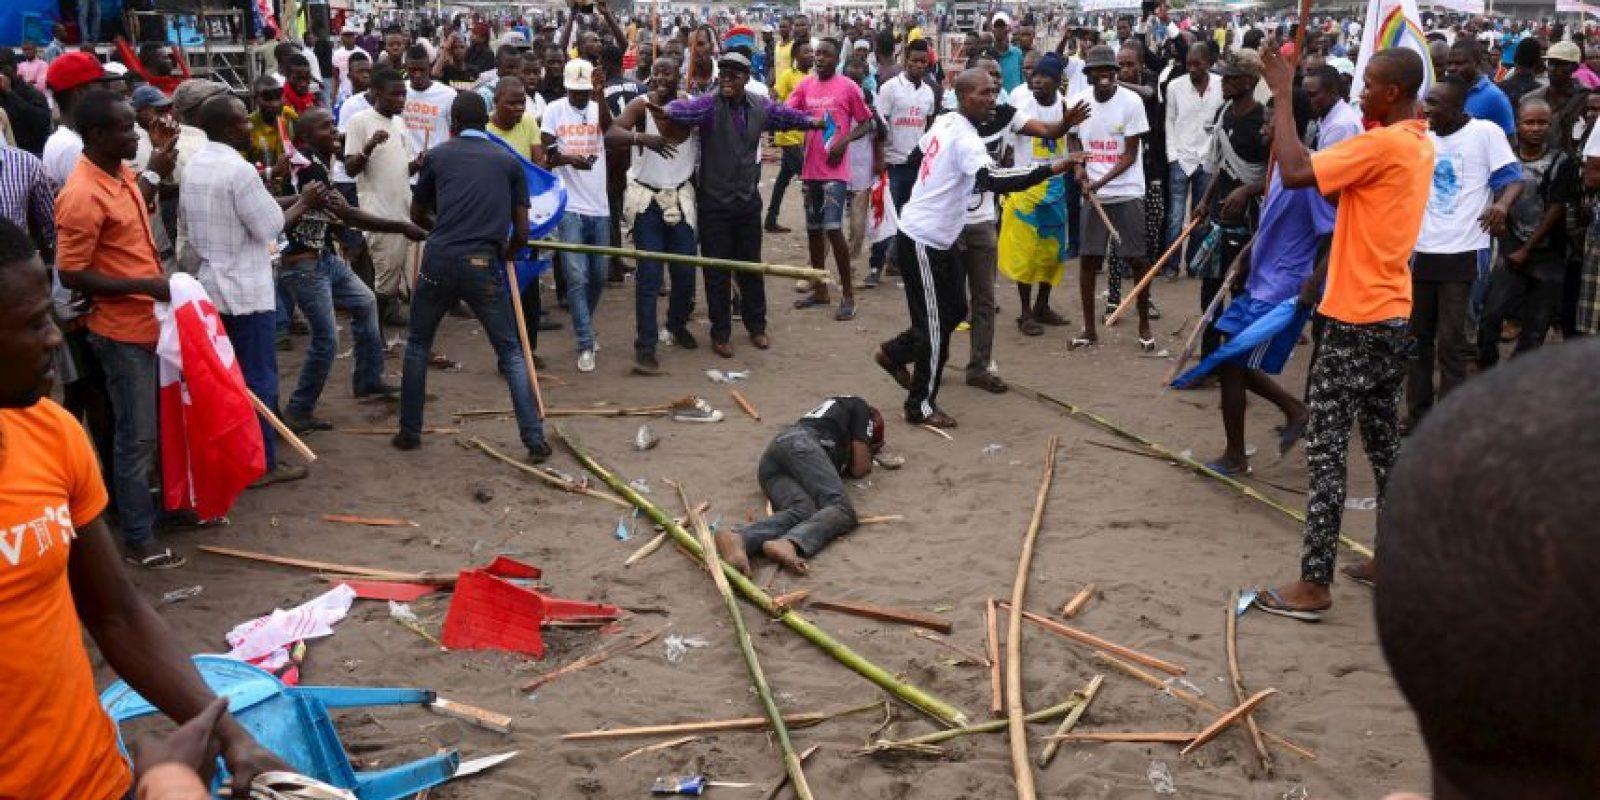 Hombre golpeado por ser parte de ser parte de una pandilla pro-gobierno que atacó a su manifestación en Kinshasa. Foto:AFP